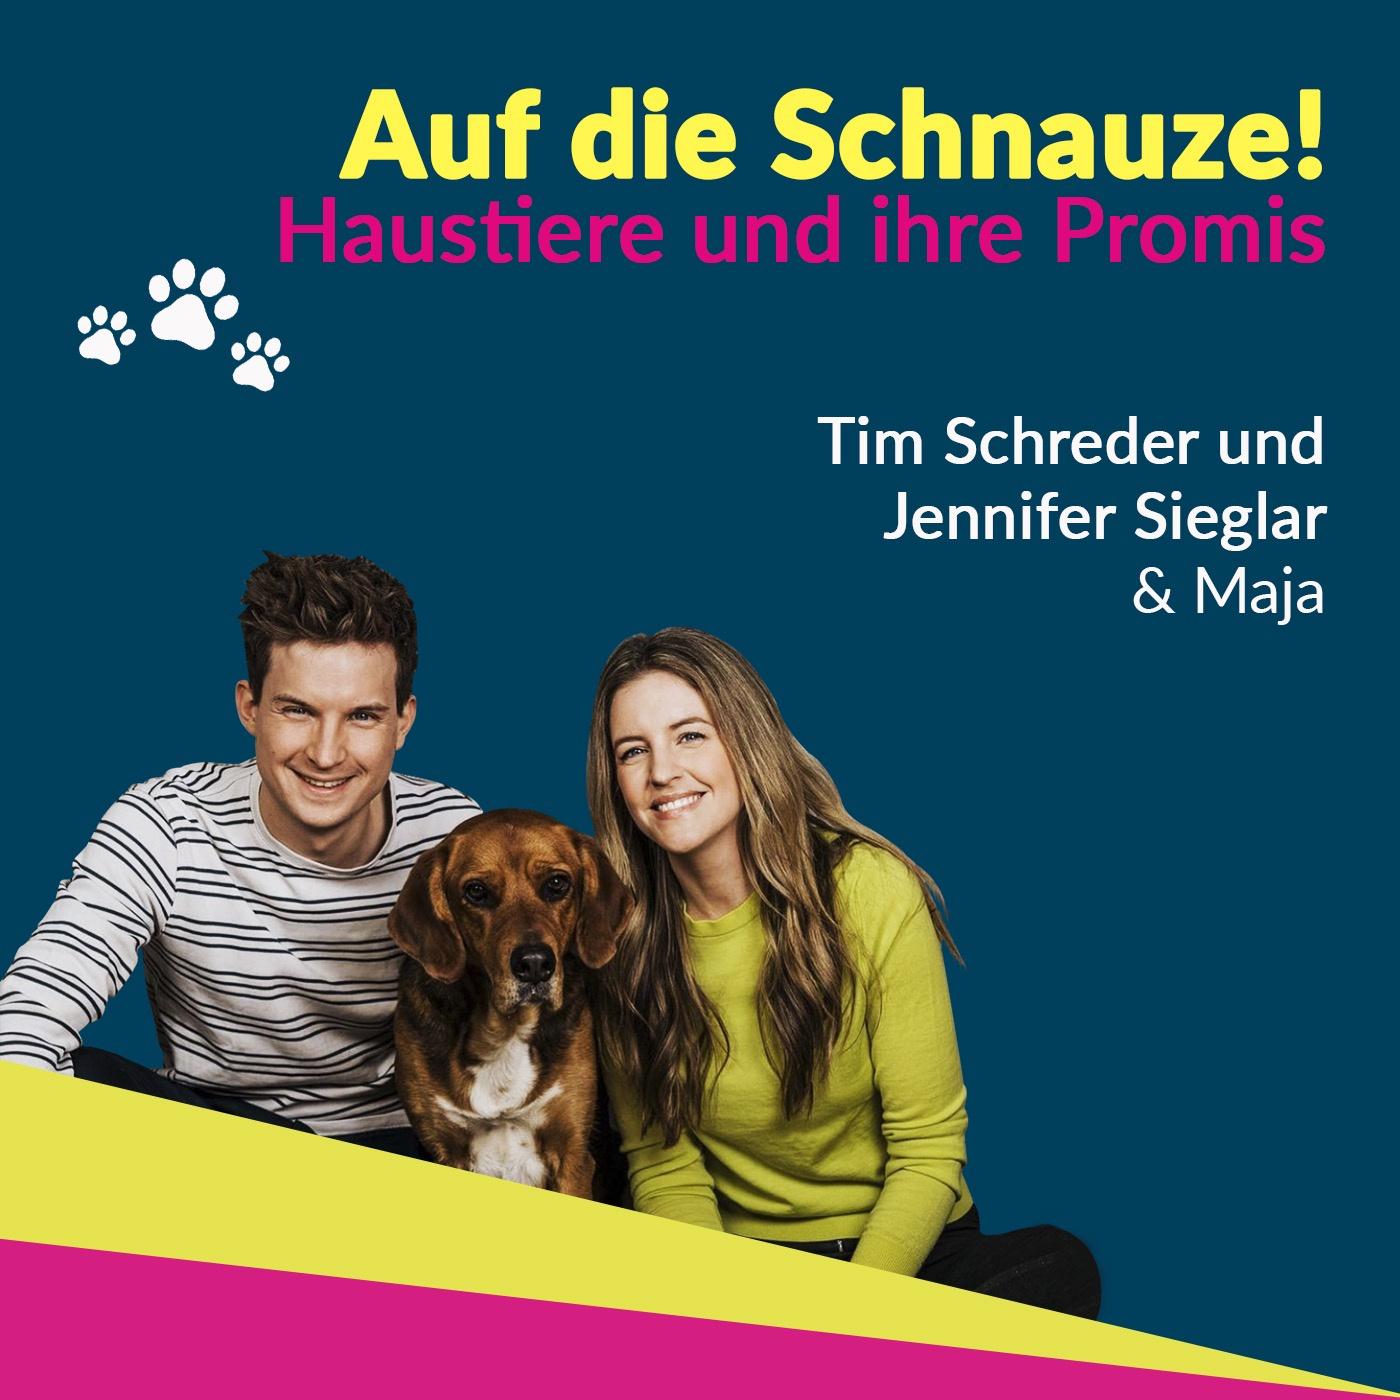 Jennifer Sieglar und Tim Schreder - ein Paar mit Hund!